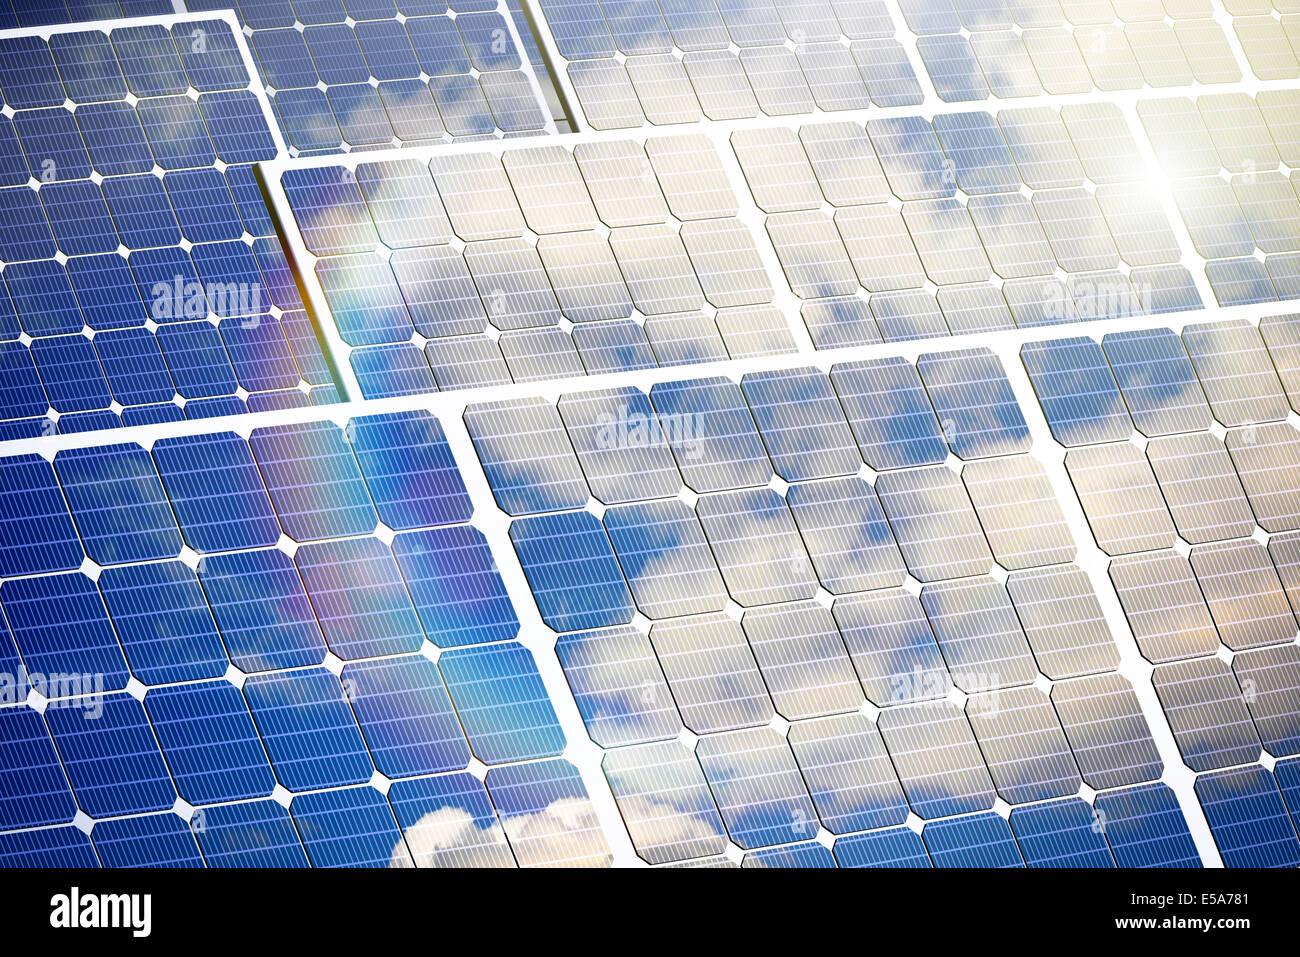 La energía renovable, la ilustración de paneles solares Imagen De Stock